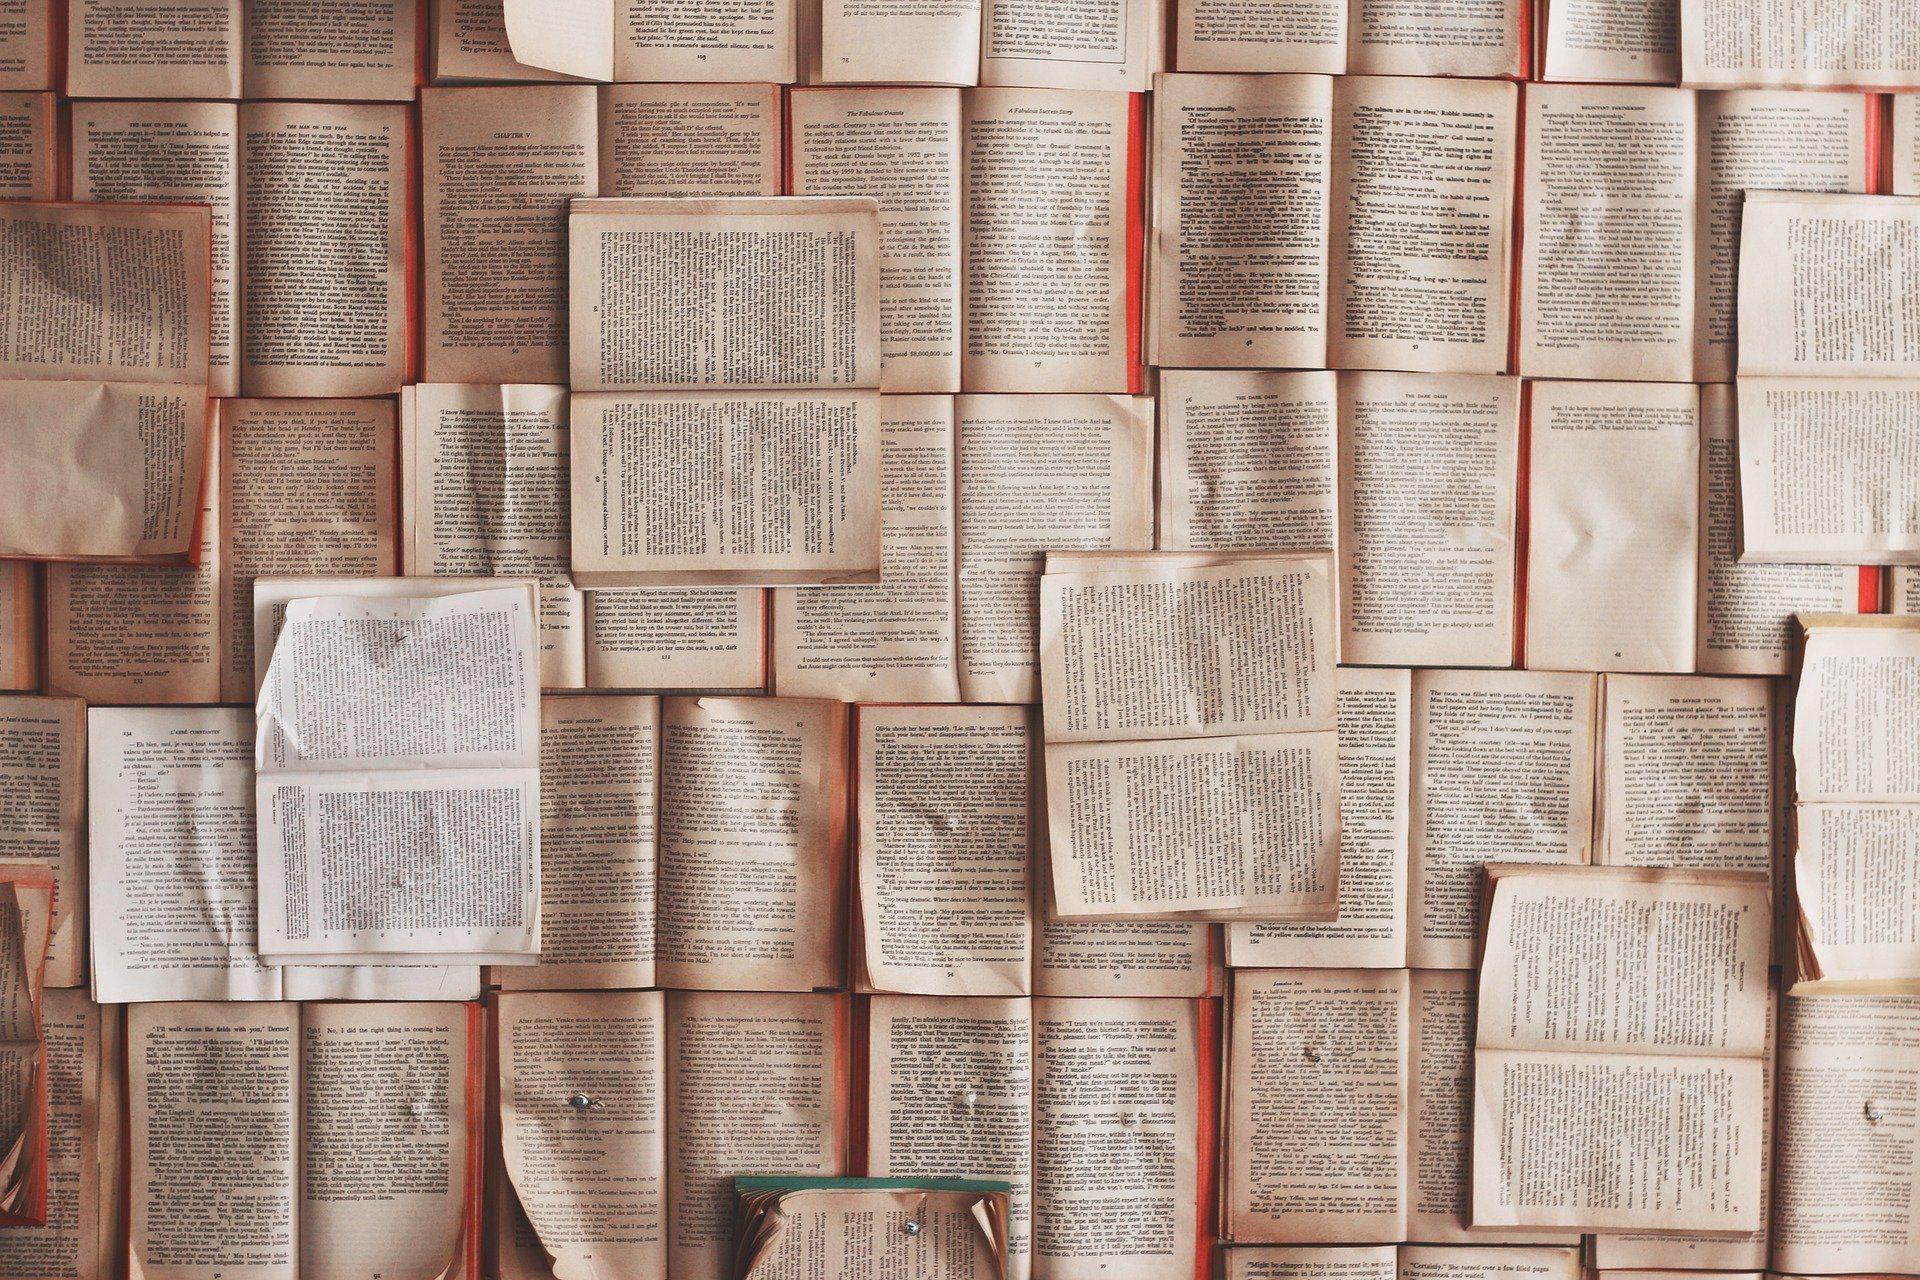 Jak czytać, by zrozumieć i zapamiętać treść?